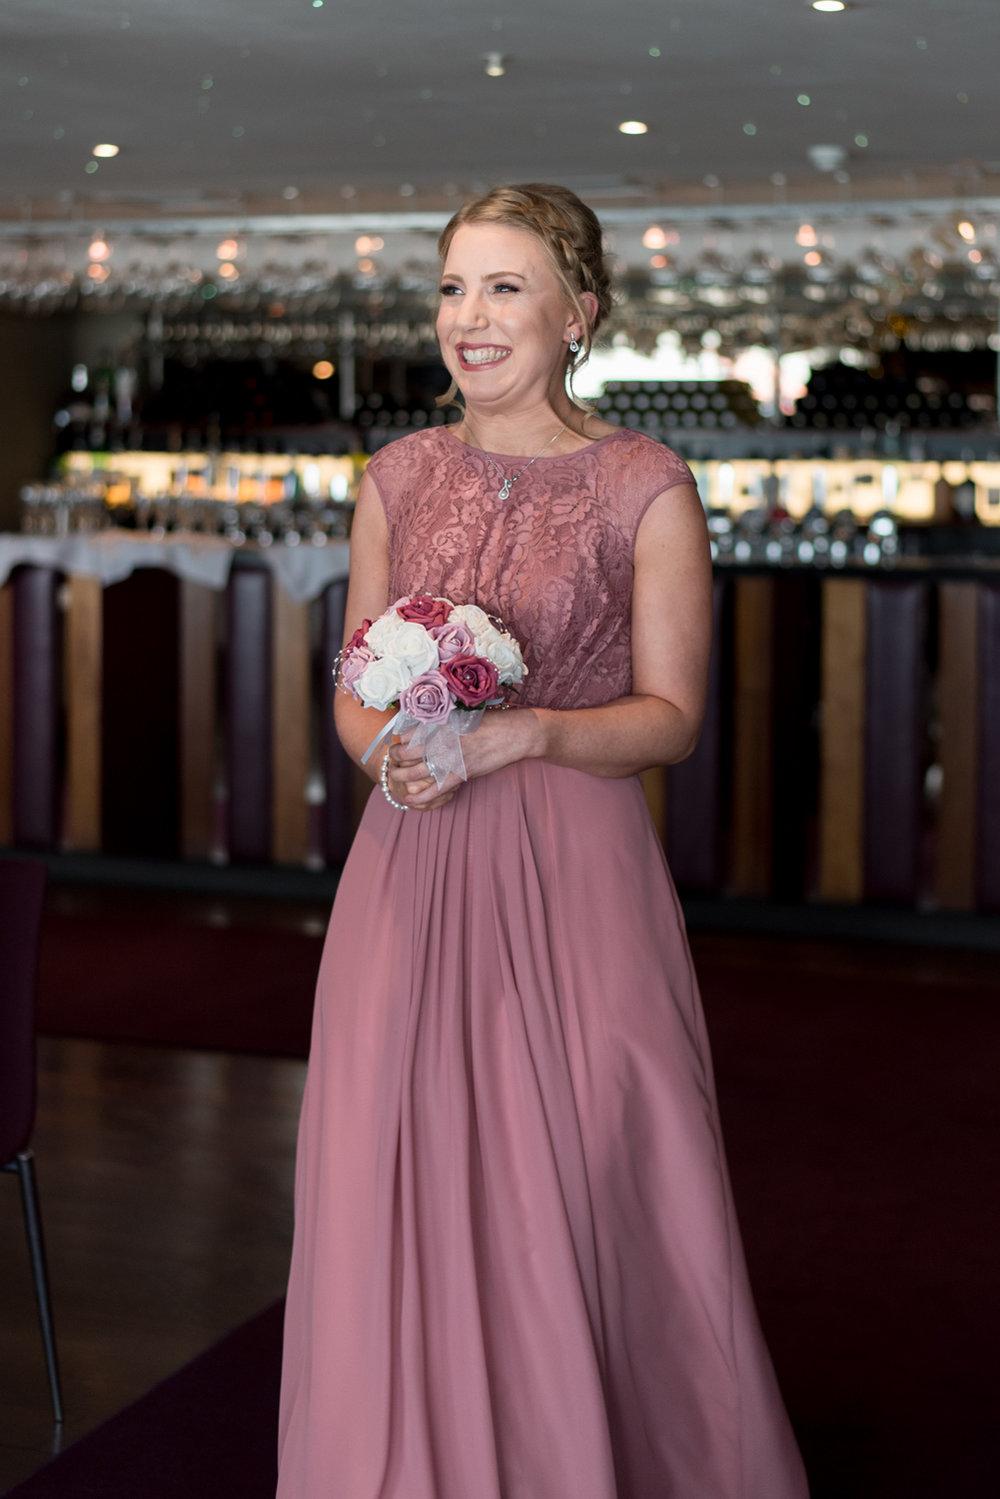 South Queensferry Orocco Pier Wedding - bridesmaid